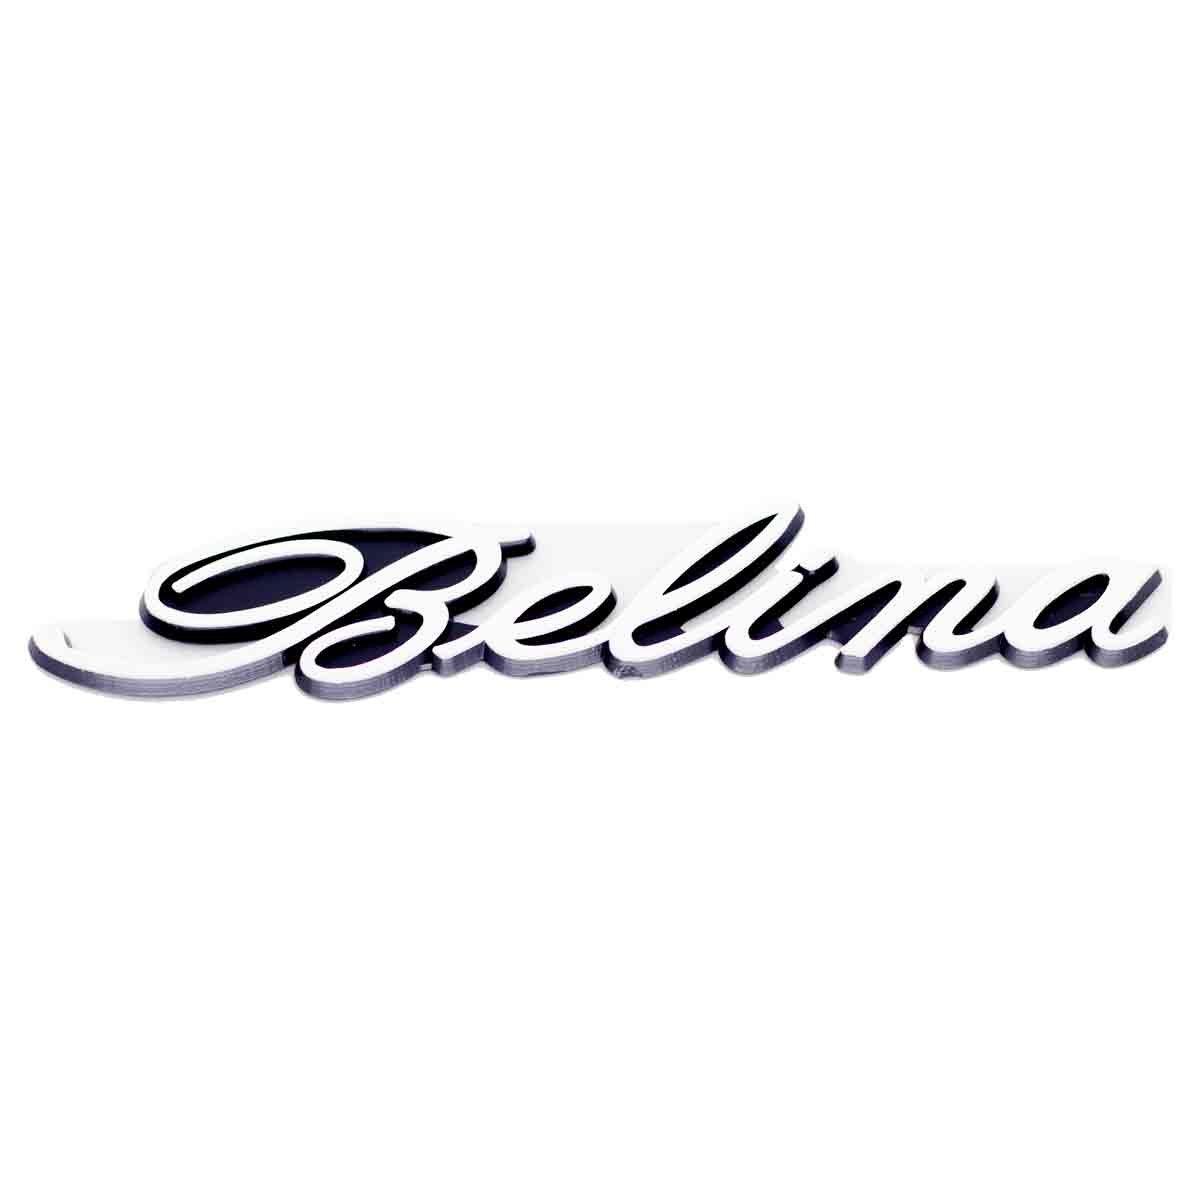 Emblema Belina Manuscrito